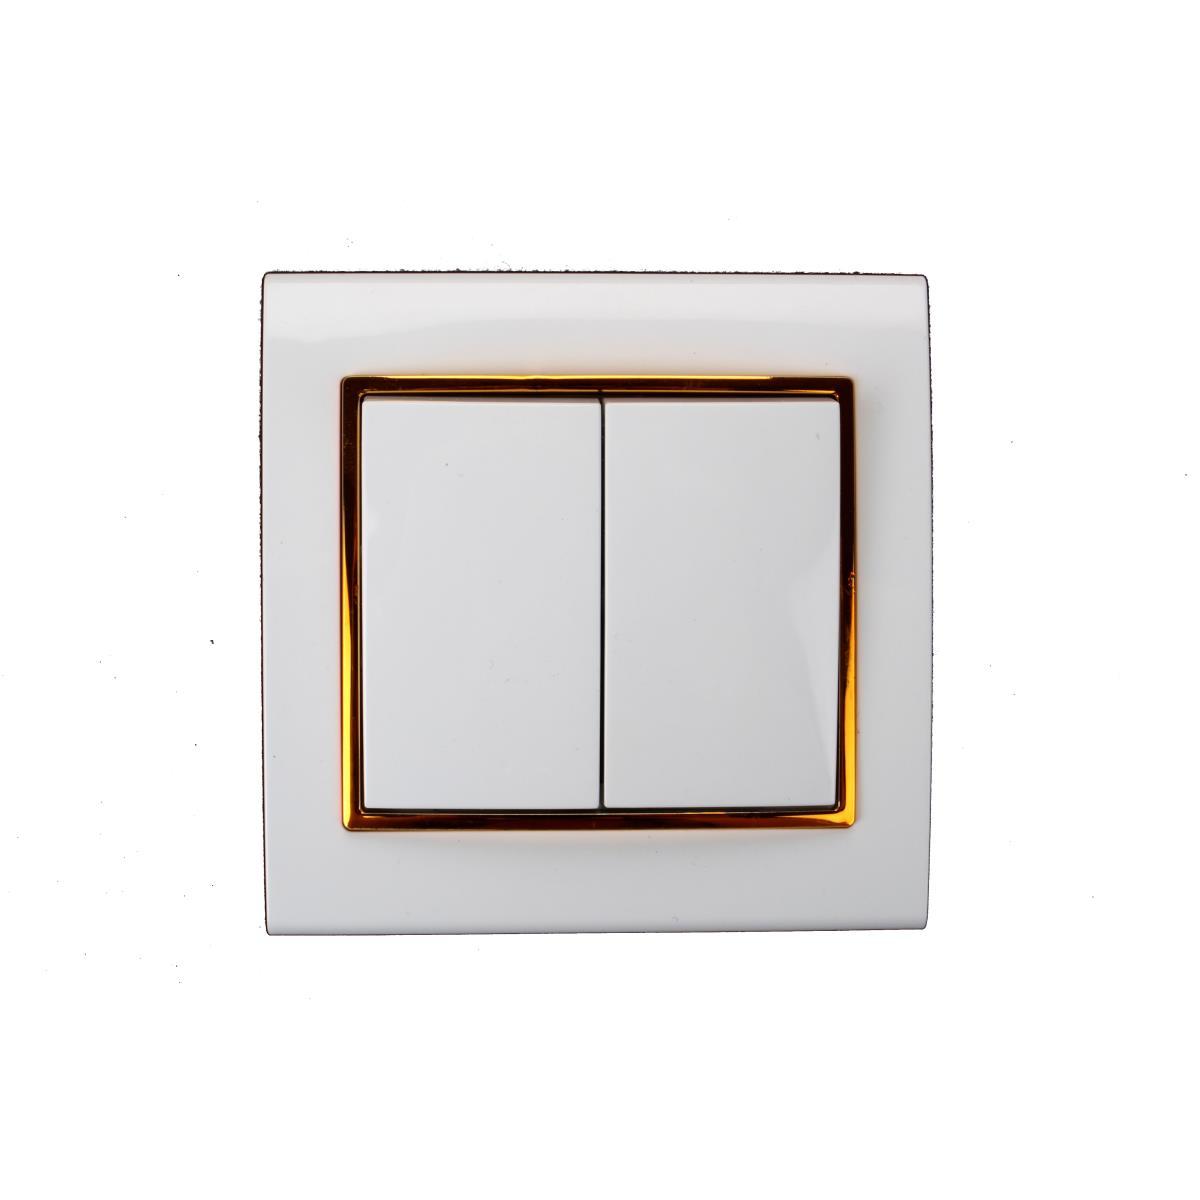 Unterputz Doppel Zweifach Lichtschalter Farbe weiß/gold 10A, 230V Serienschalter,OKKO,9209-02-G, 4772013048527